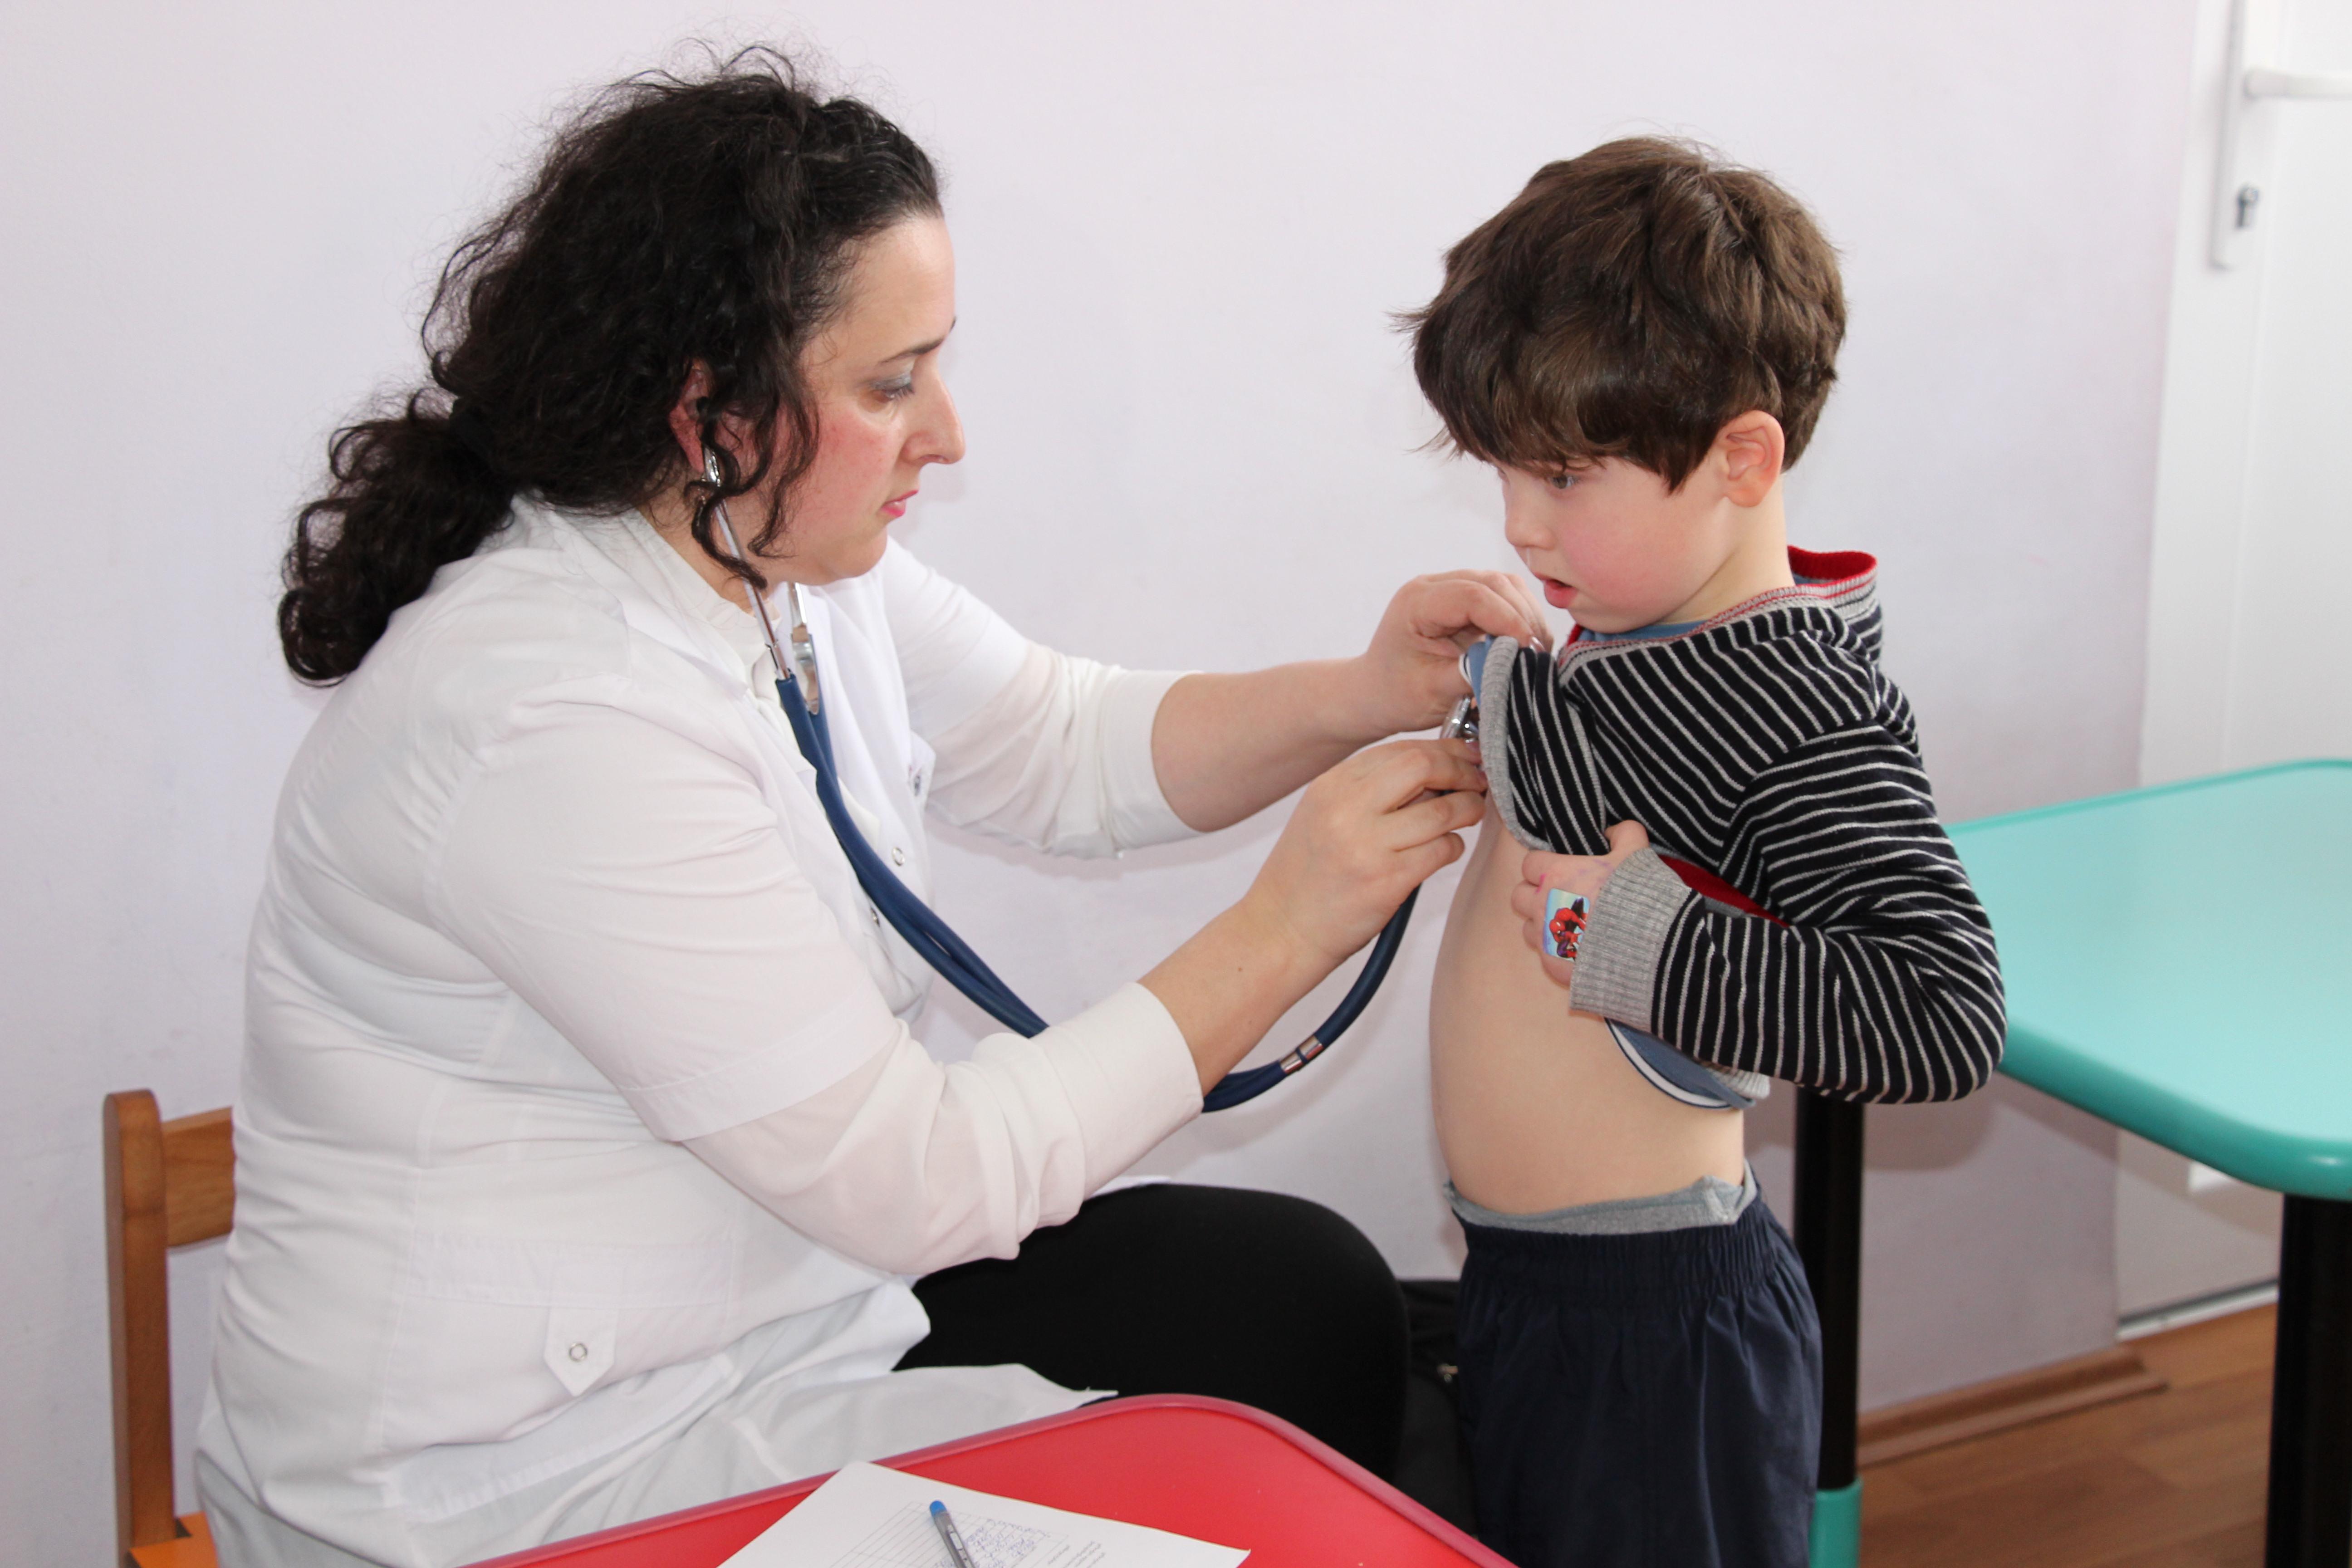 საბავშვო ბაღებში სამედიცინო-პროფილაქტიკური შემოწმებები დაიწყო